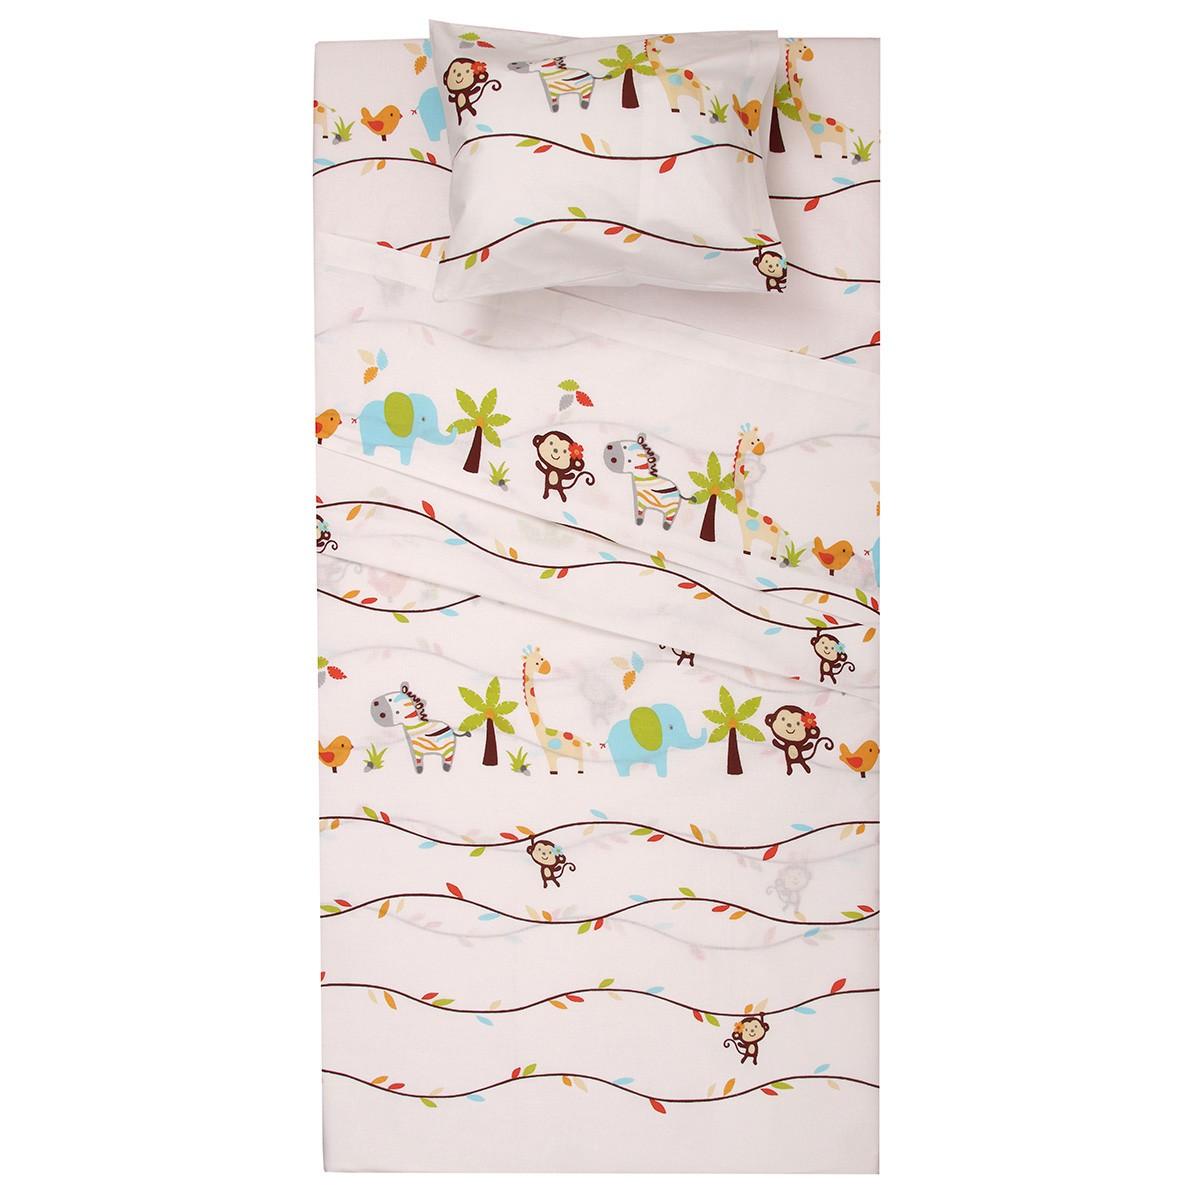 Πάπλωμα Κούνιας (Σετ) Viopros Baby Cotton Σαφάρι